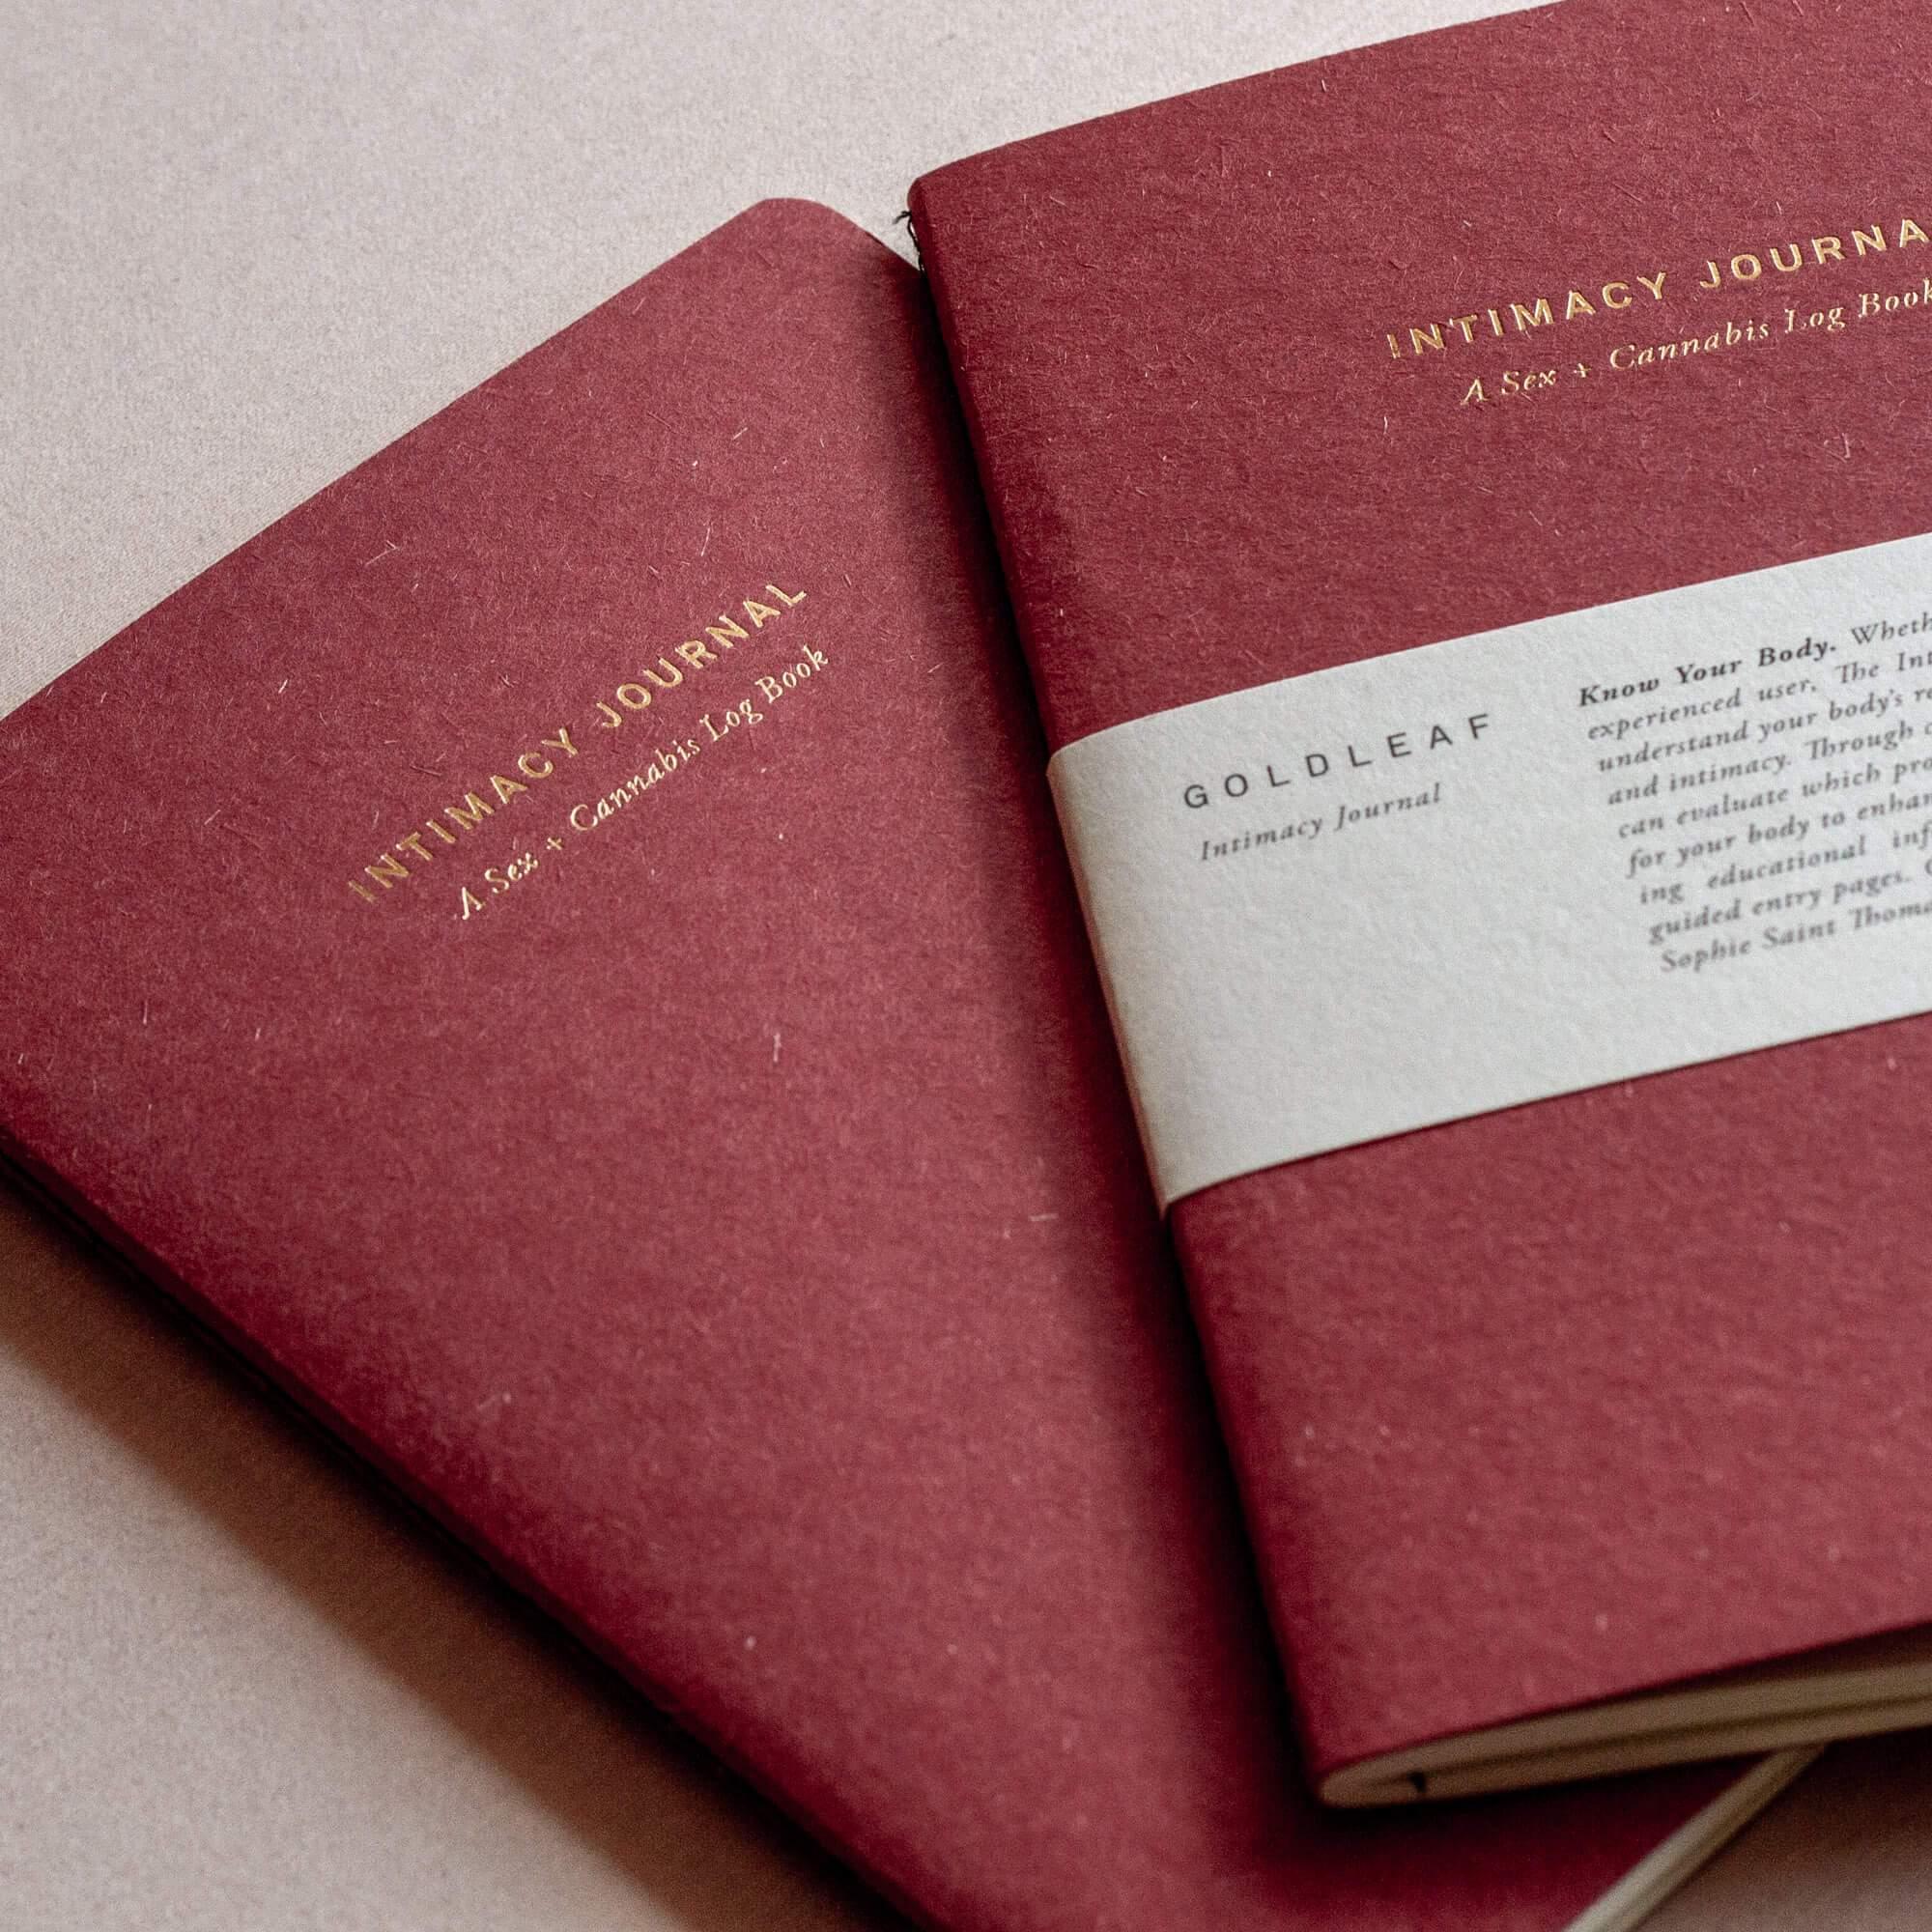 The Intimacy Journal par Goldleaf, Foria et Sophie Saint Thomas